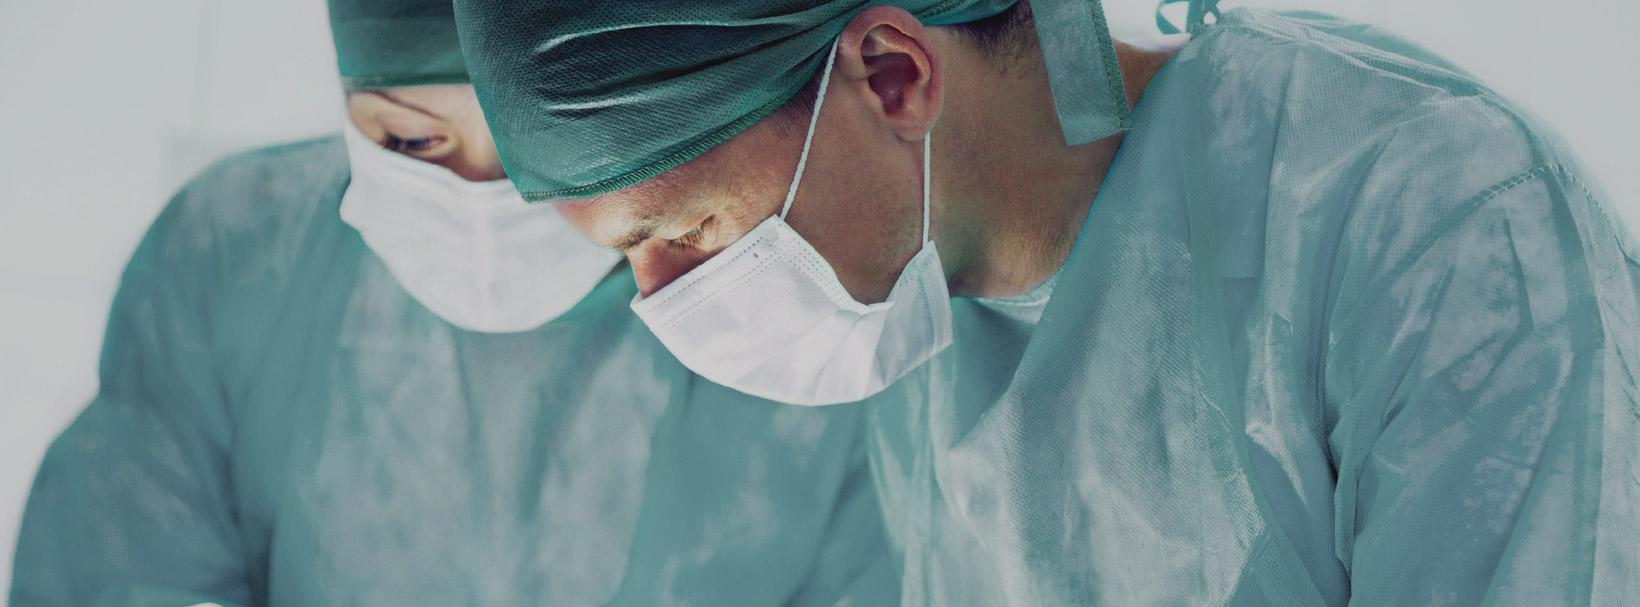 Onandia Abogados es un bufete de medicos y abogados especializados en negligencias medicas. En Barcelona, Rambla Catalunya 87 2D y en Terrassa.